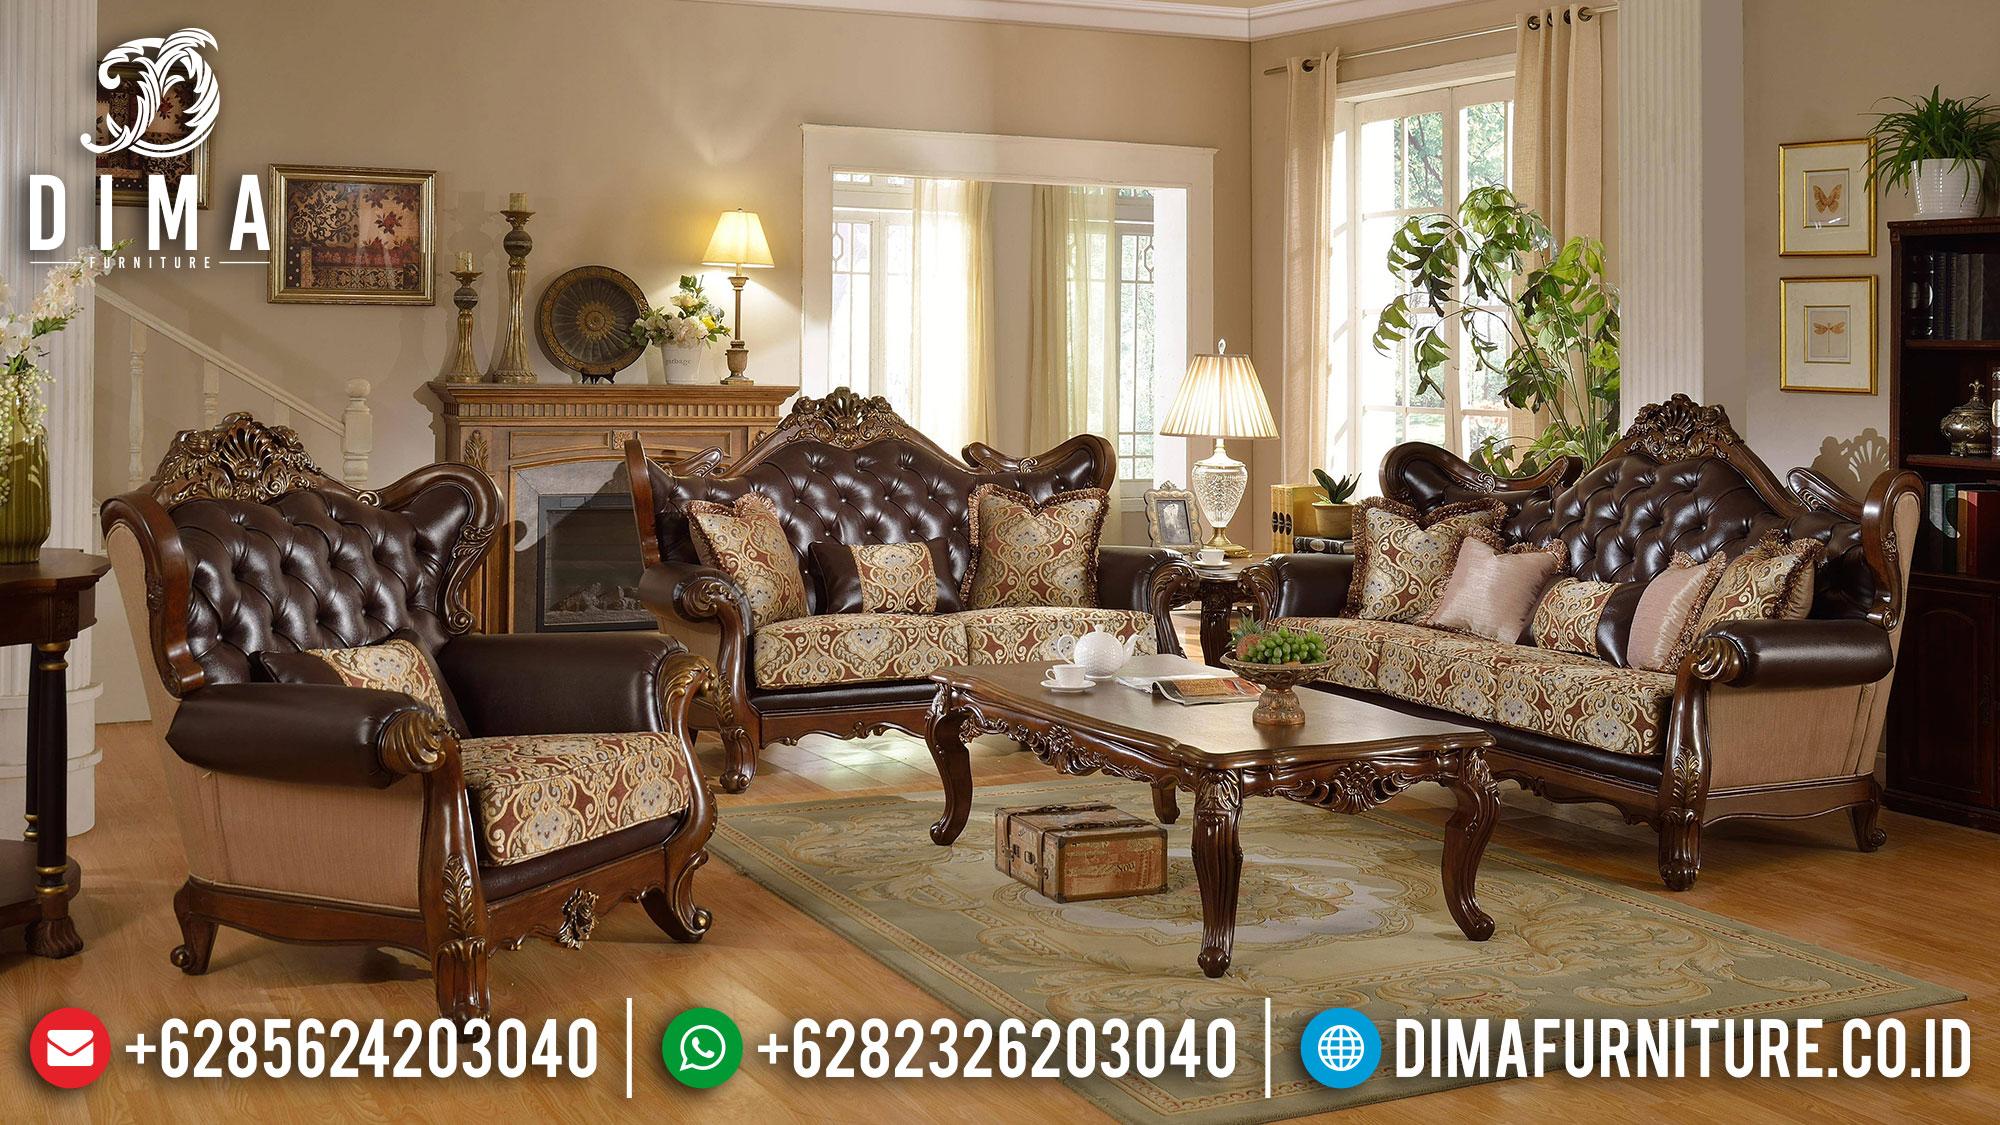 Harga Sofa Tamu Mewah Jati Glorious Design Luxury Carving Natural Color ST-1349